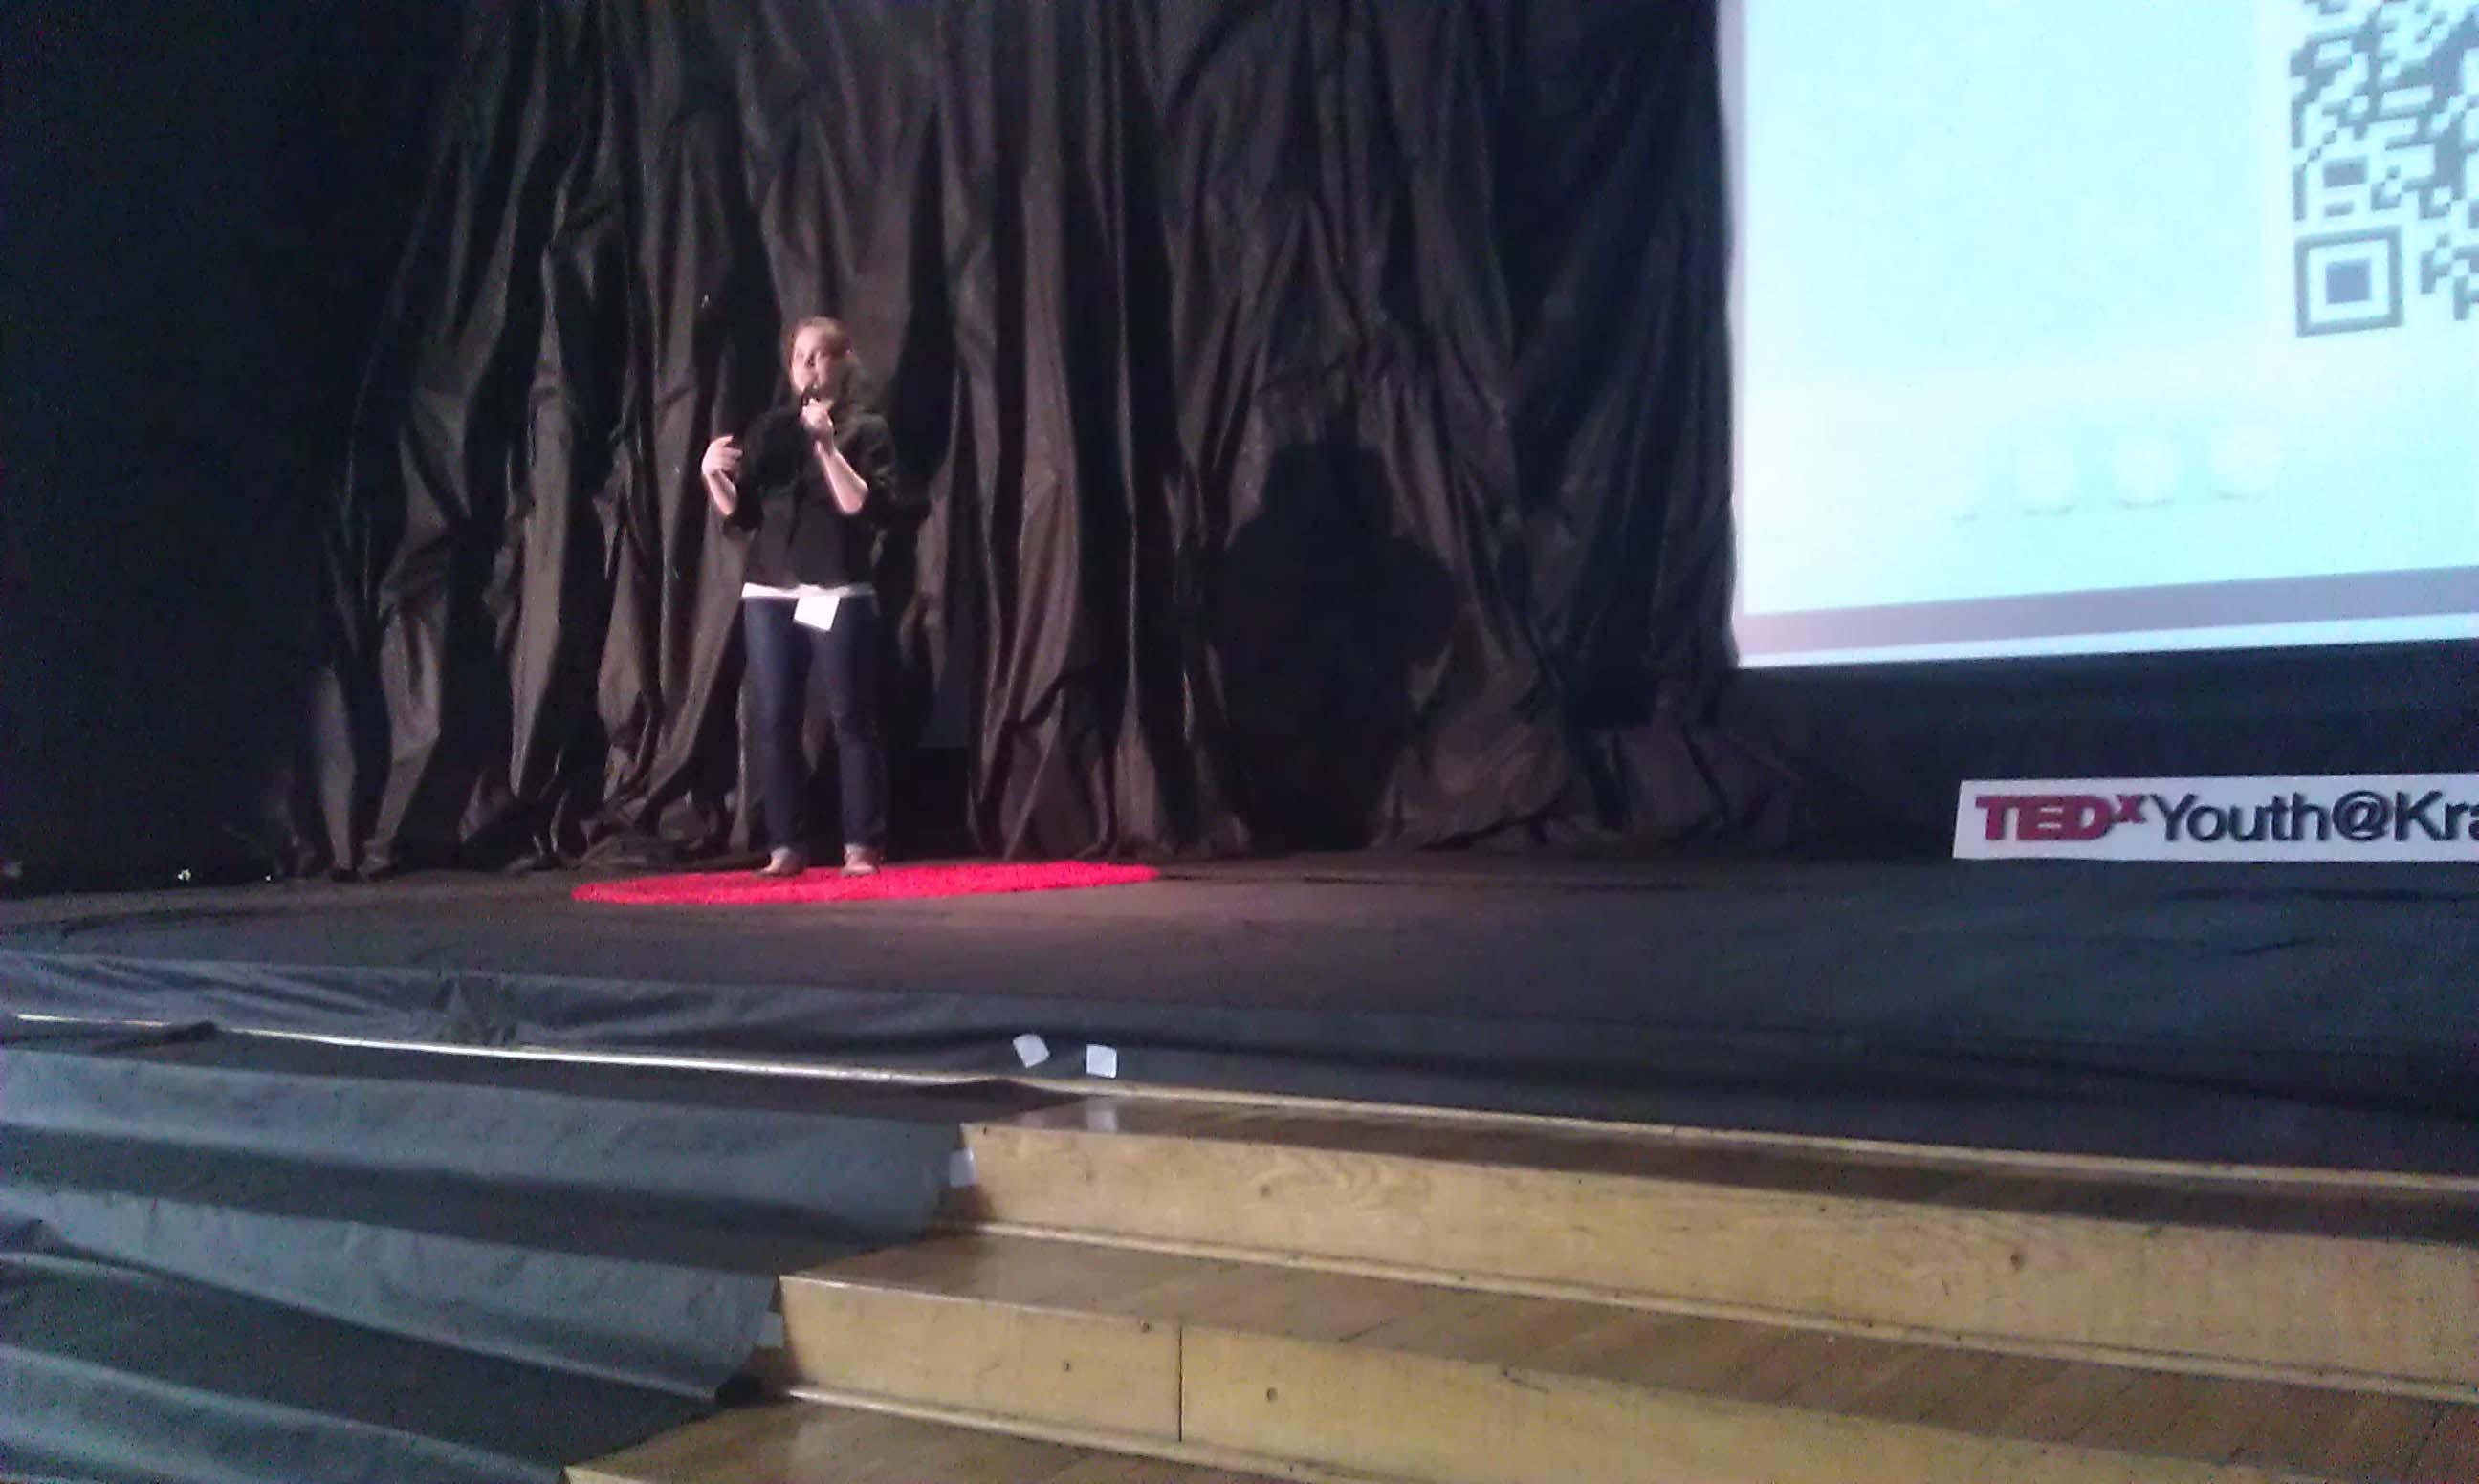 TEDxYouth@Kraków - prezentacja oświatłowodach